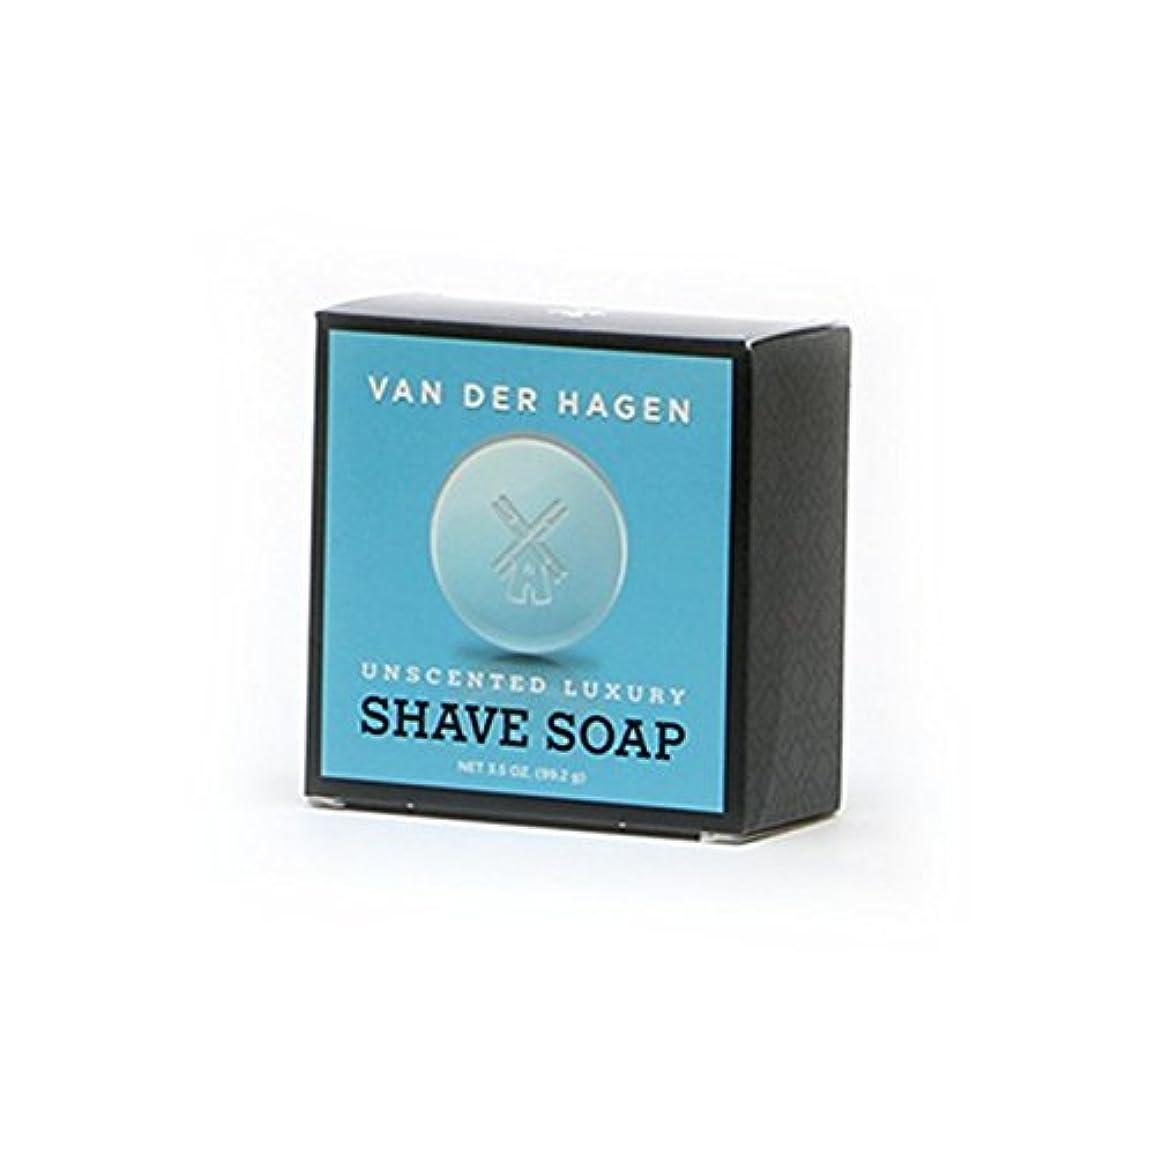 ファイターマイルストーン一月VANDERHAGEN(米) シェービングソープ 剃刀負けしにくい 無香料 髭剃り用石鹸